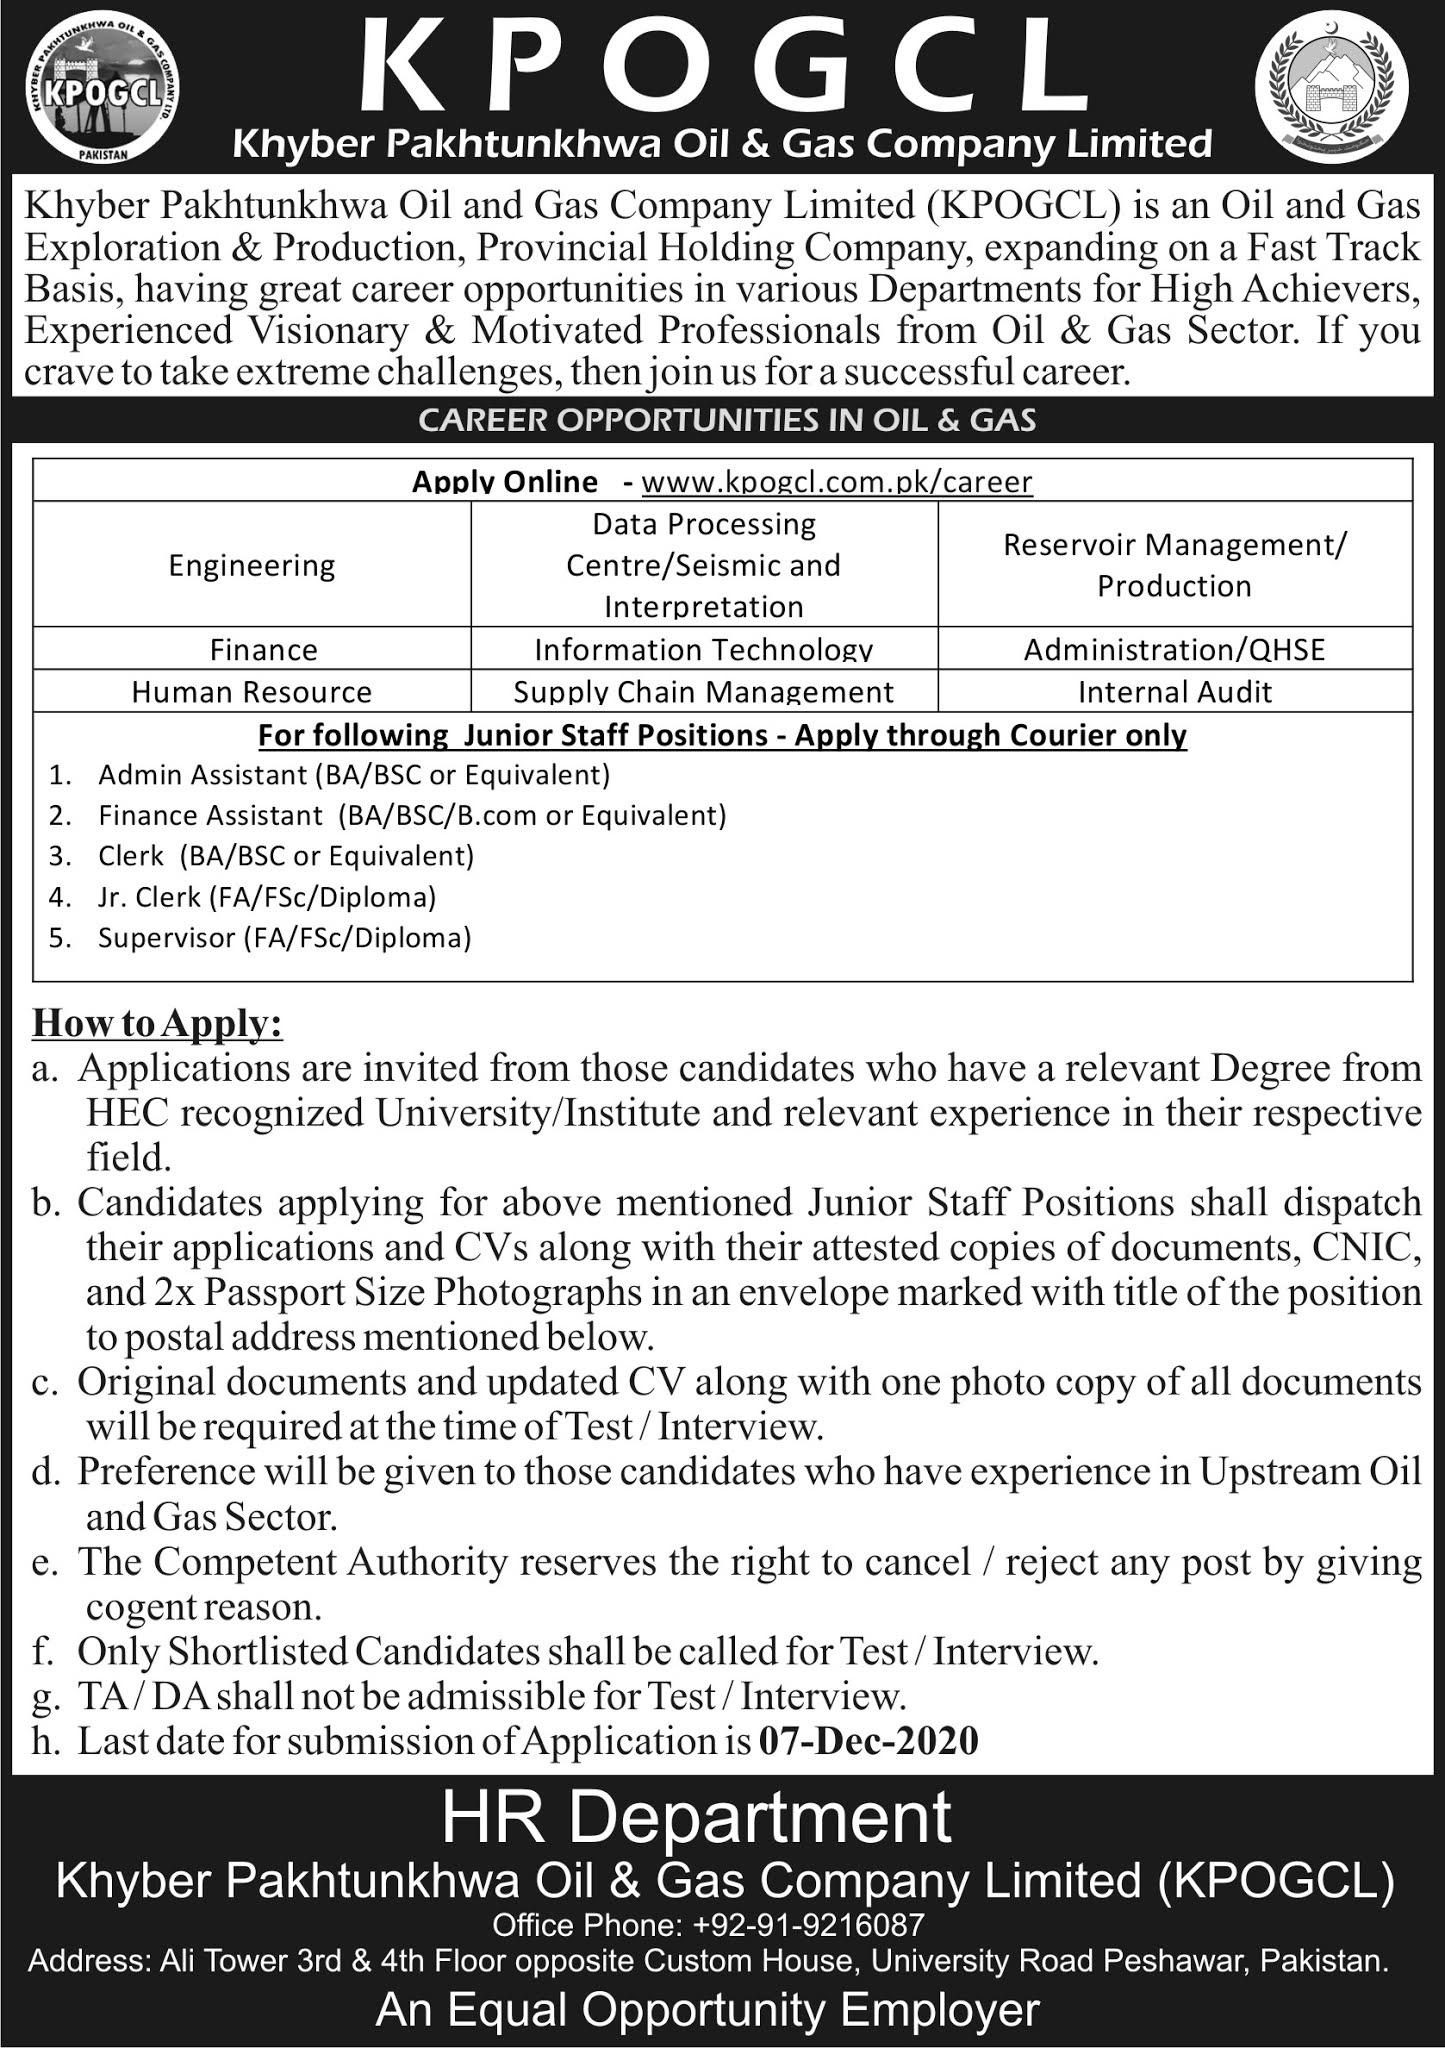 KPOGCL Jobs 2020   KPK Oil and Gas Company Ltd – Apply Now